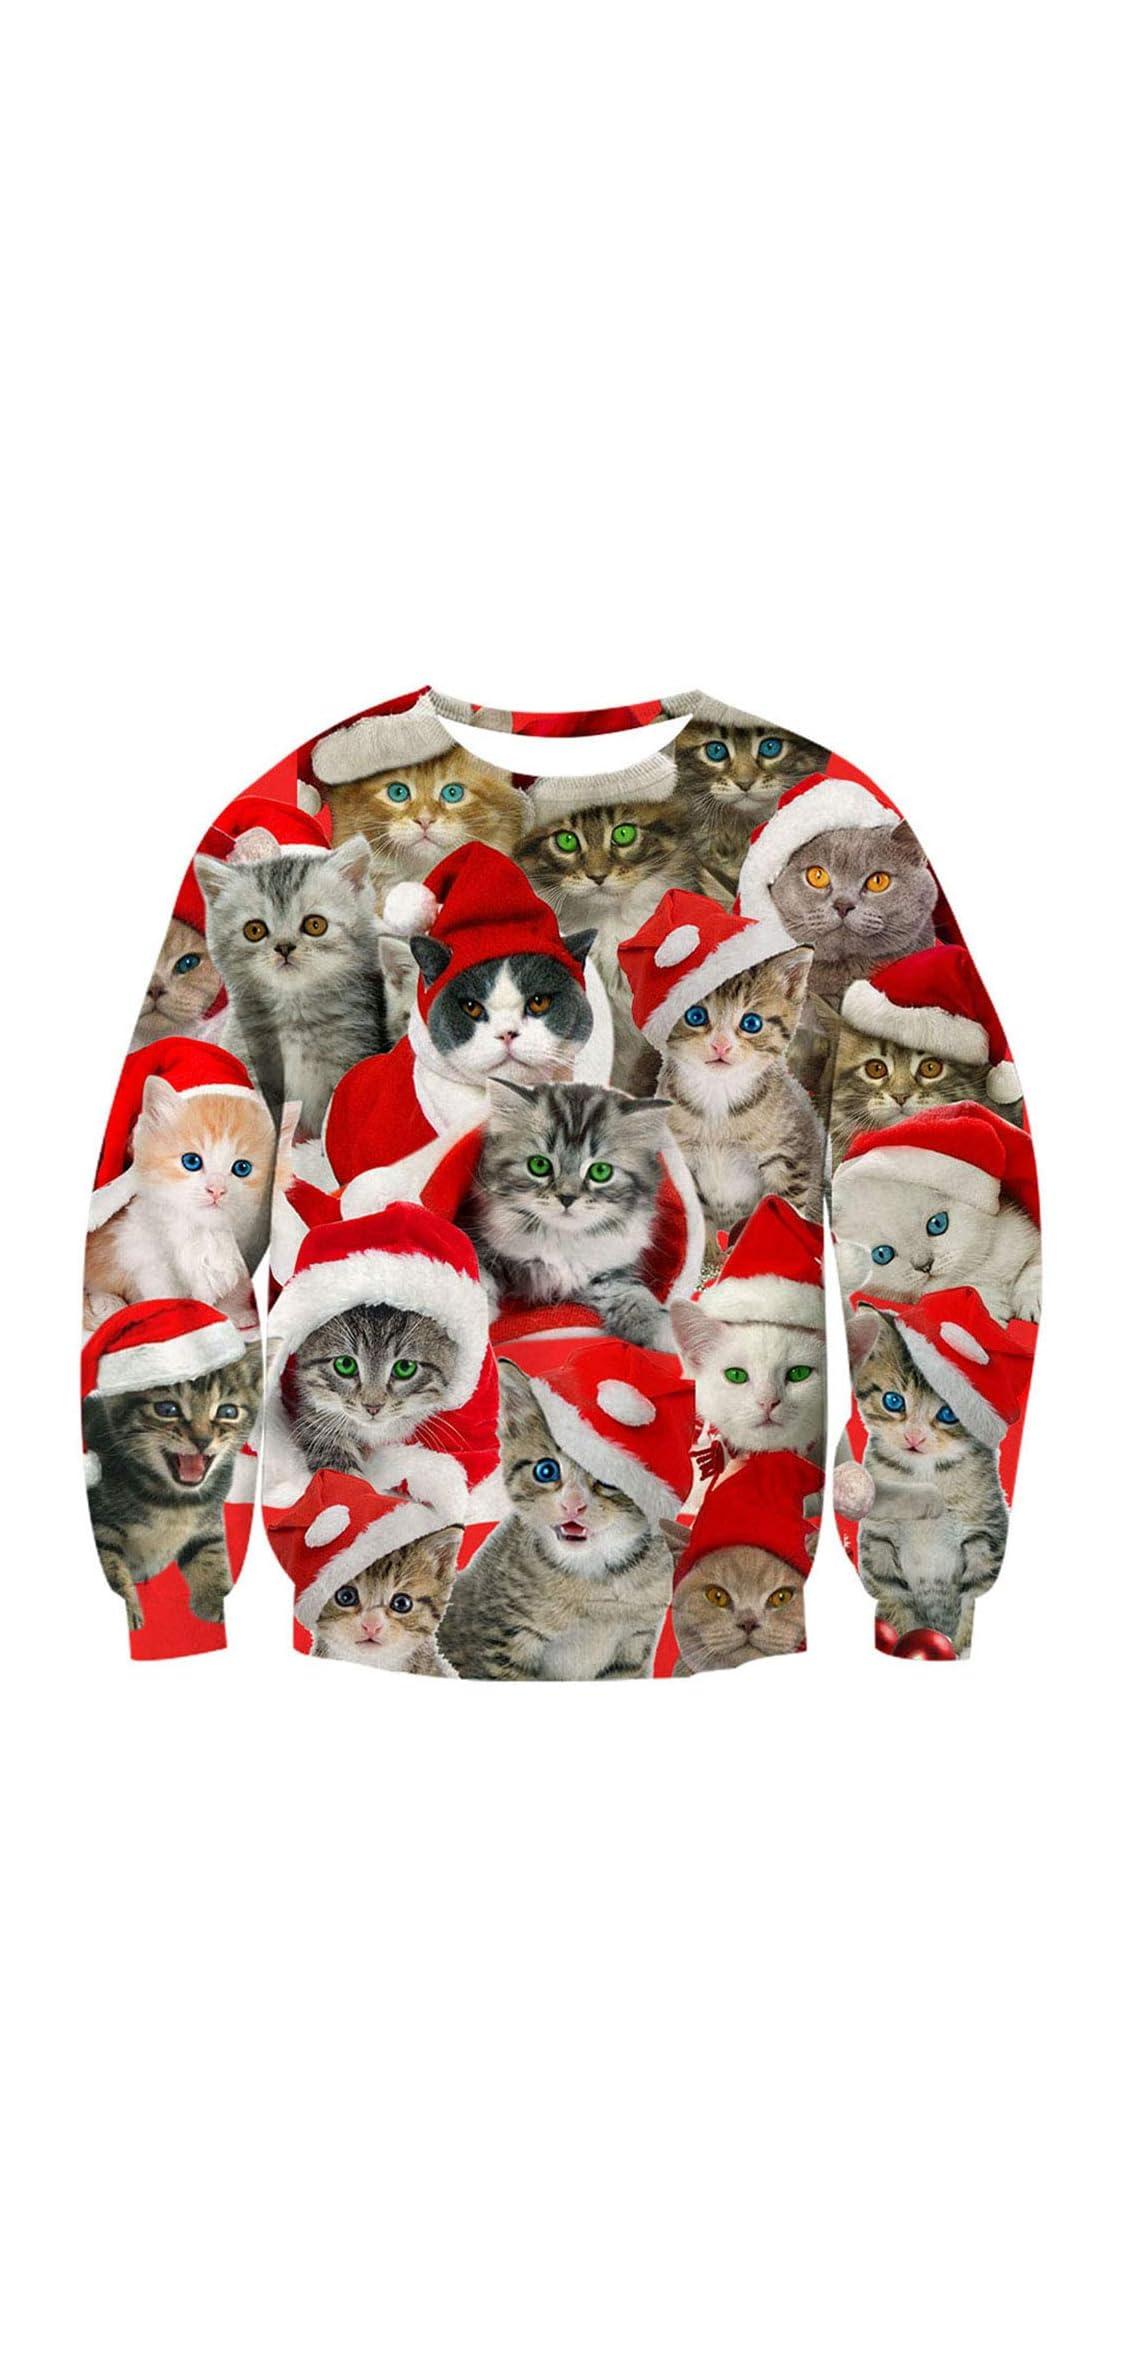 Unisex Ugliest Christmas Sweatshirt D Unique S-xl